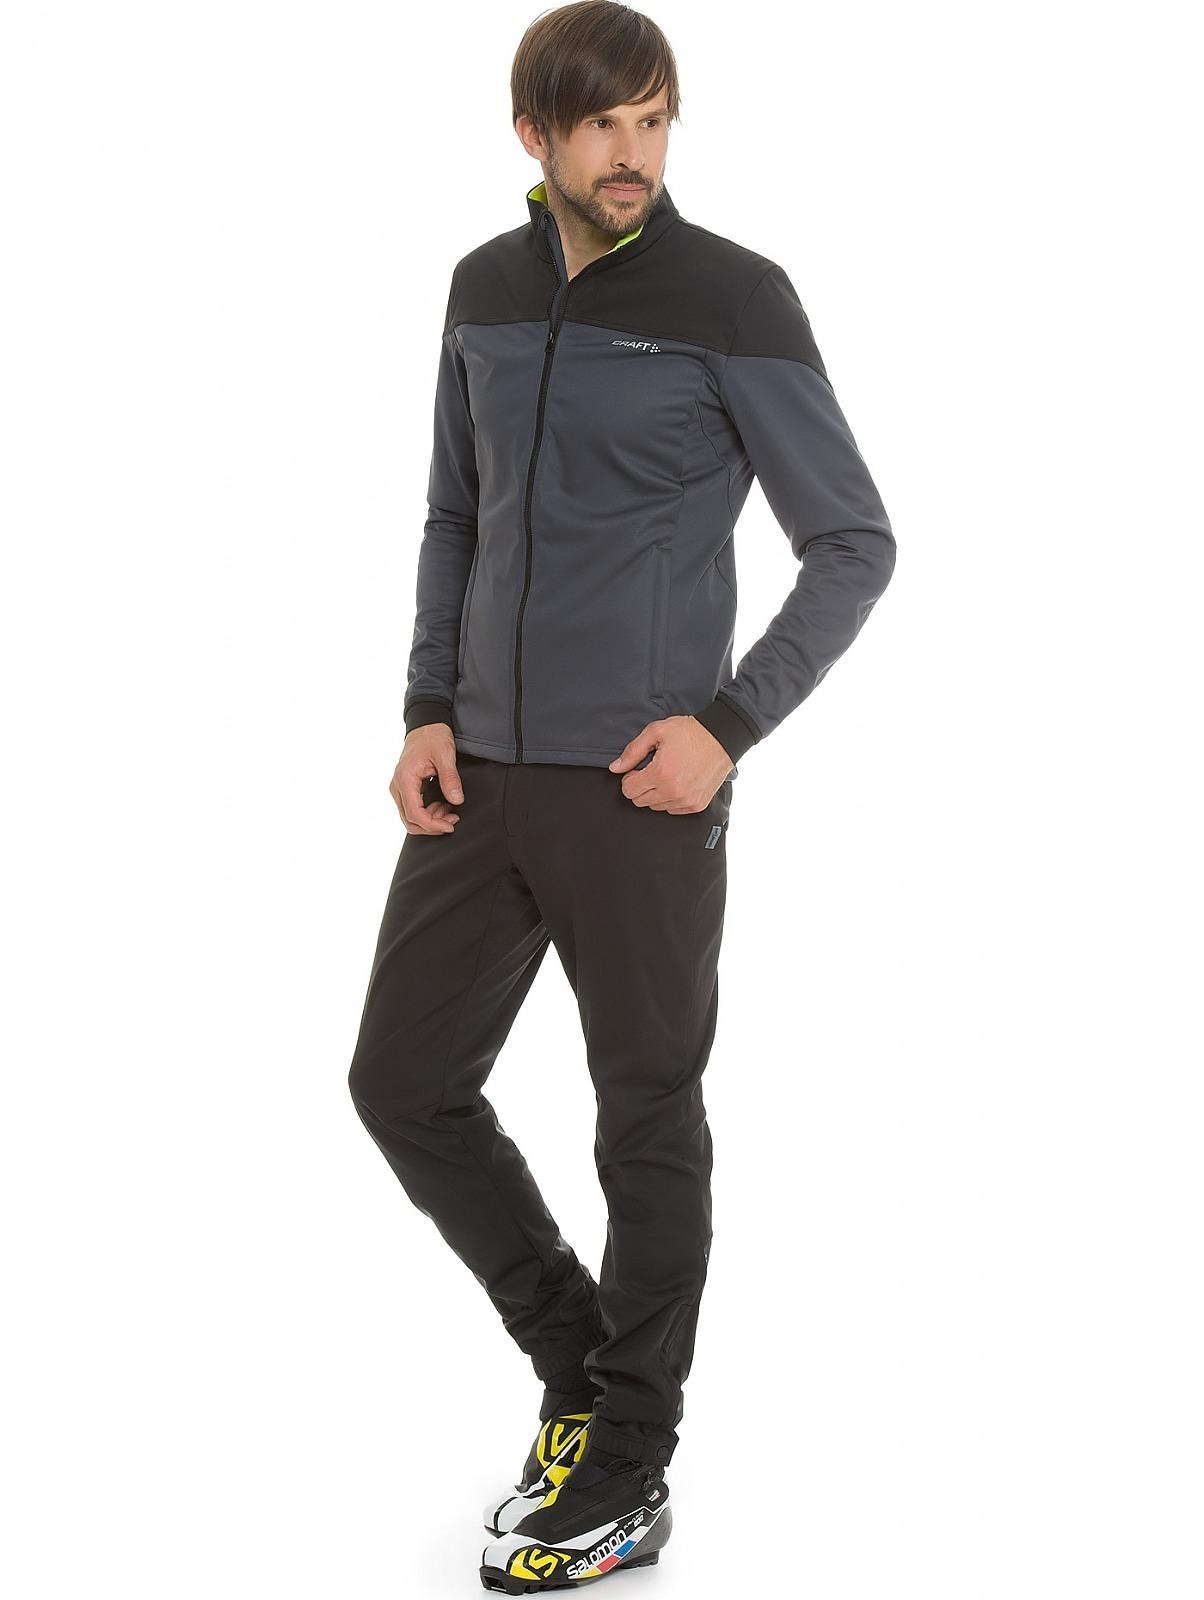 Мужская лыжная куртка Craft Voyage XC (1903581-2995) серая